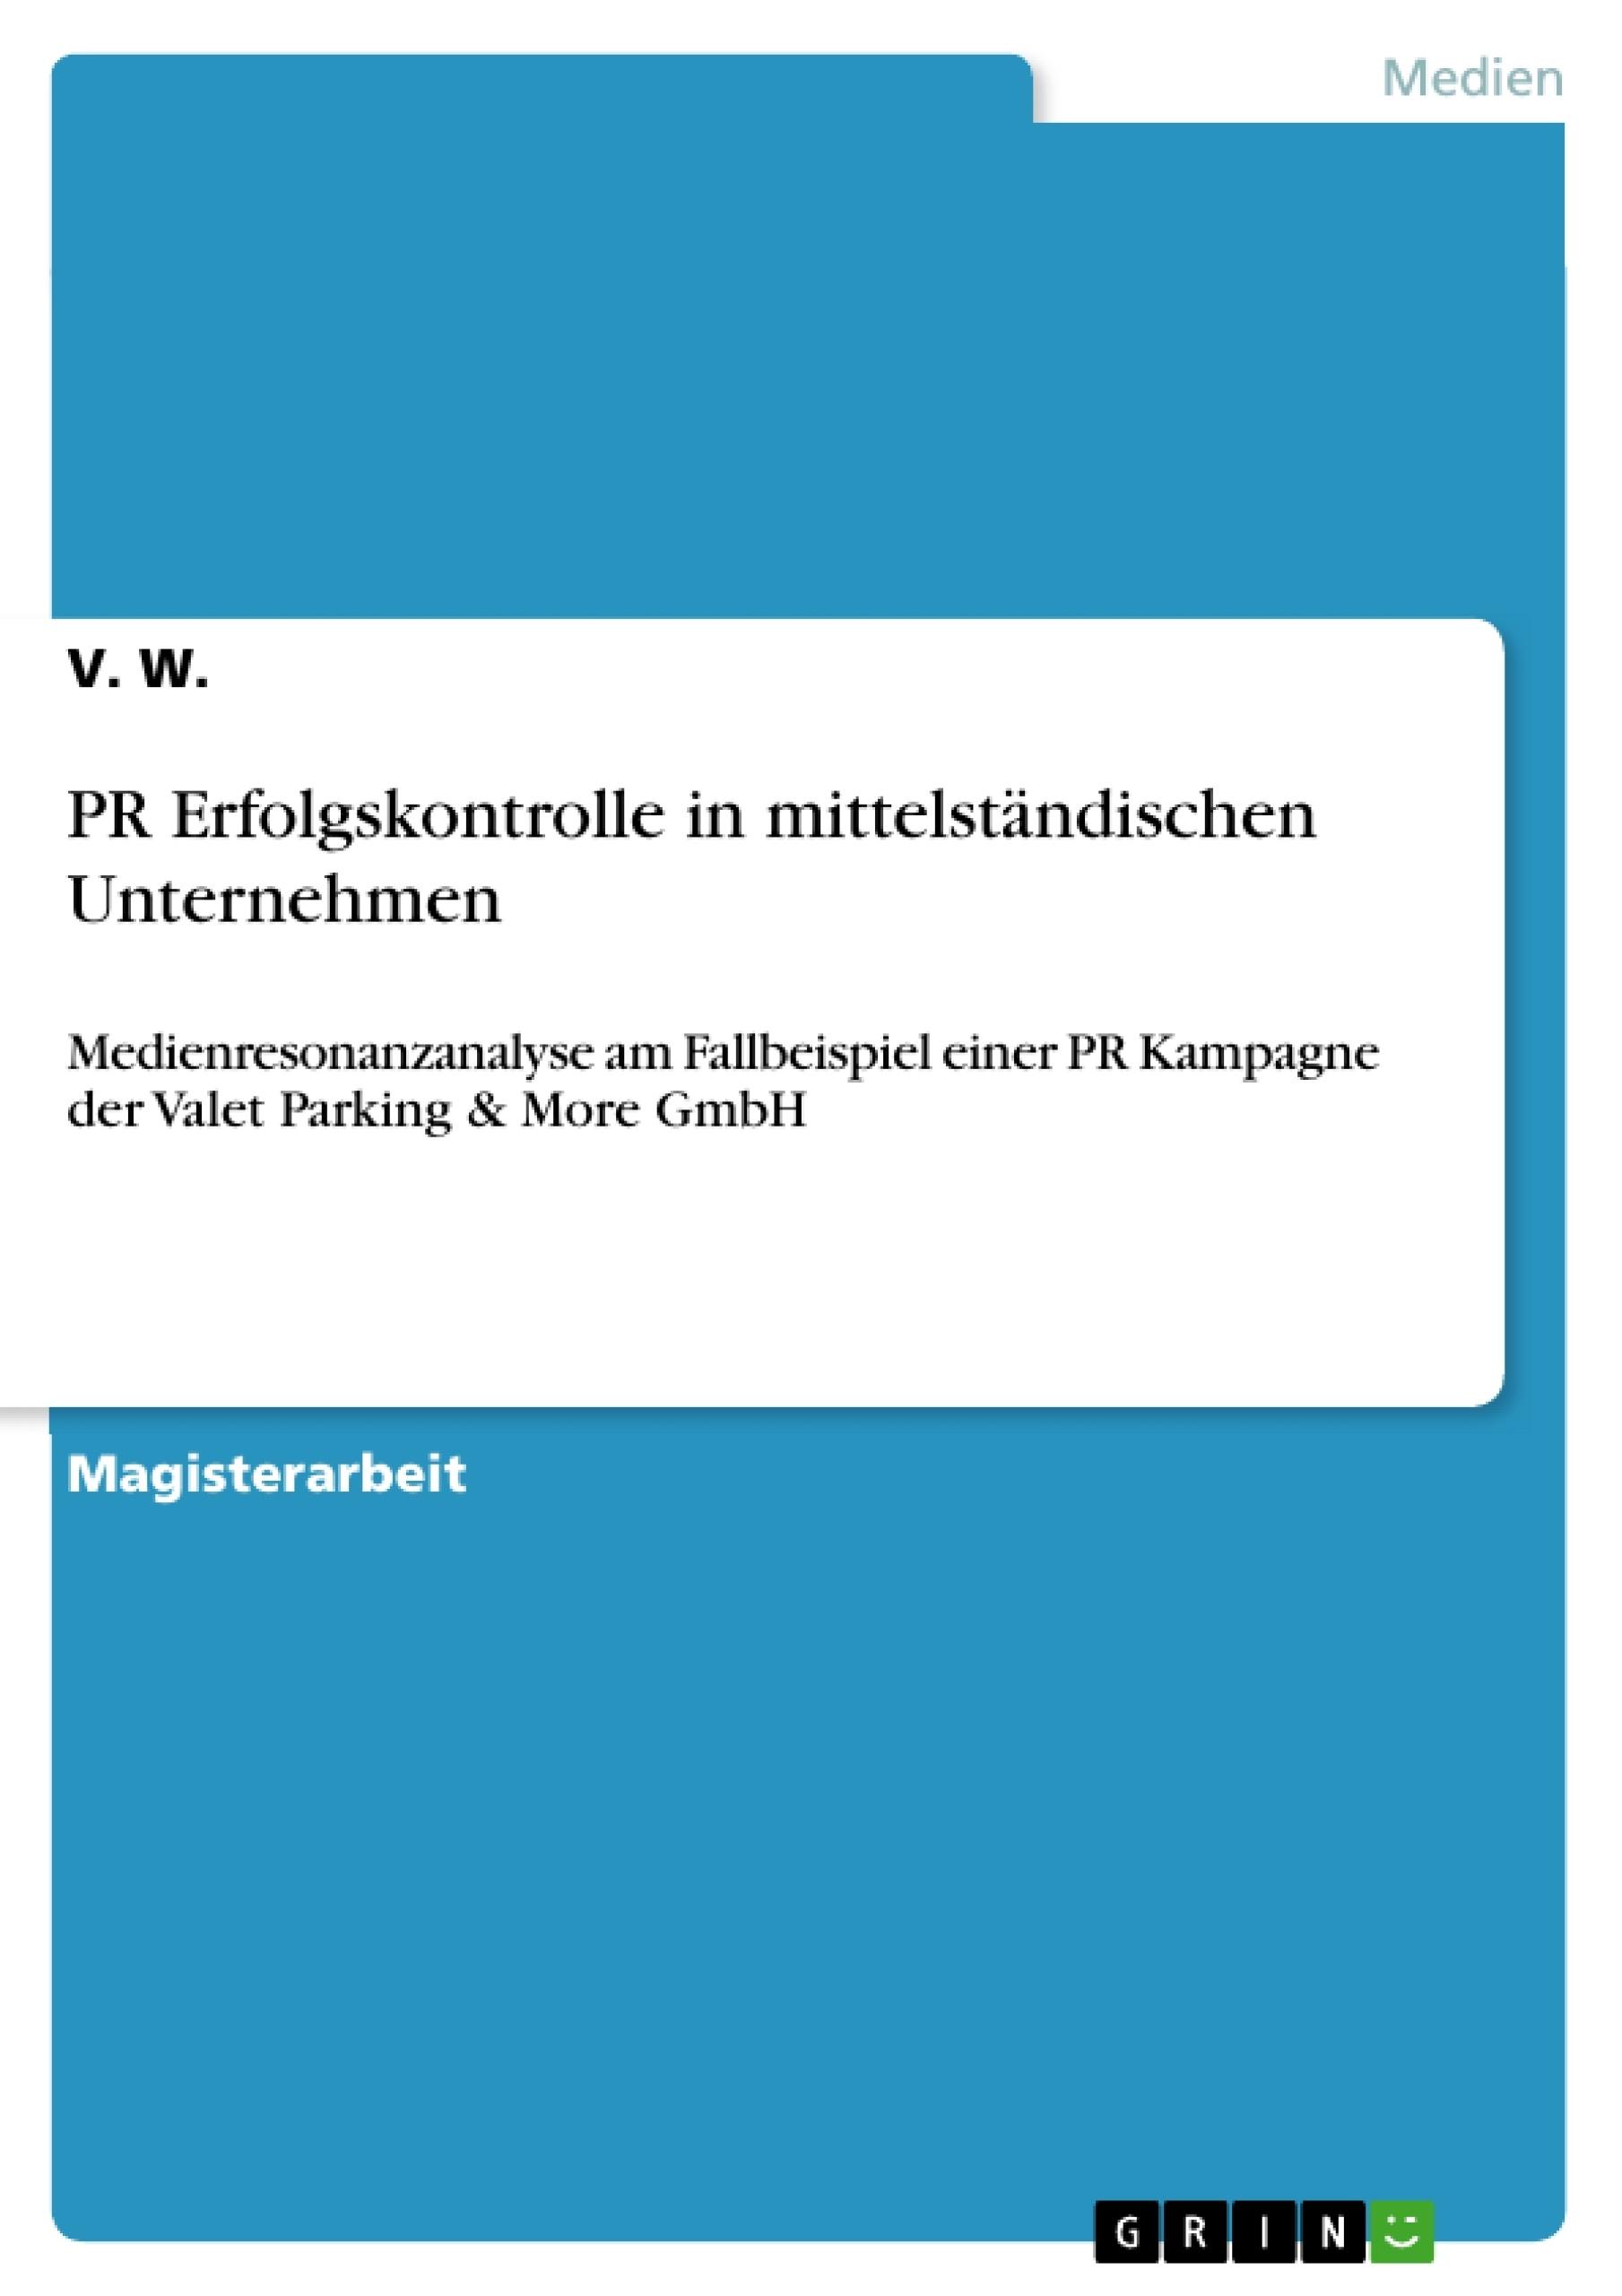 Titel: PR Erfolgskontrolle in mittelständischen Unternehmen